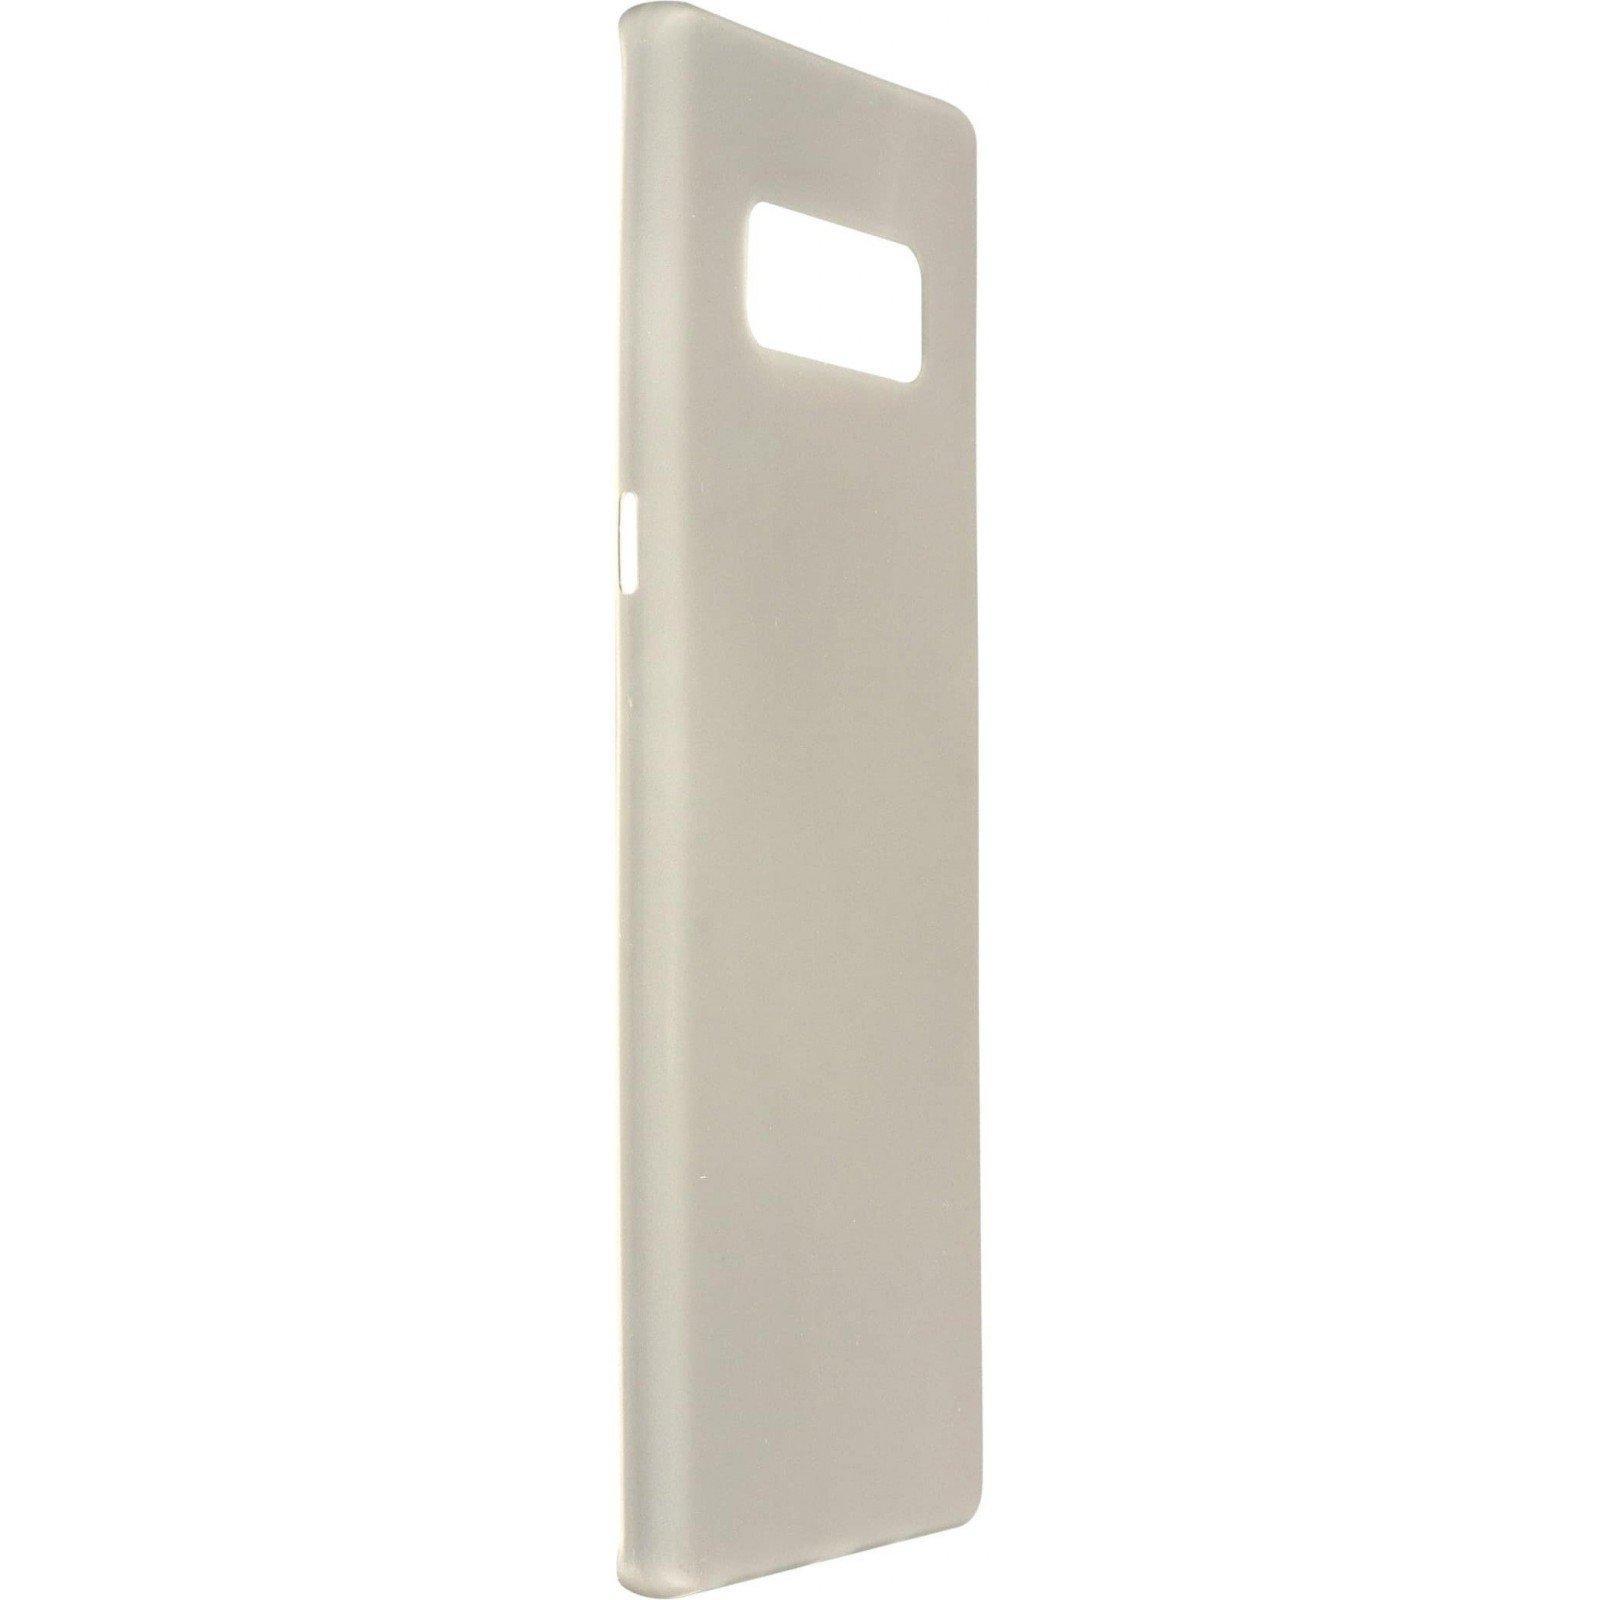 Чехол для моб. телефона MakeFuture PP/Ice Case для Samsung Note 8 Grey (MCI-SN8GR) изображение 5